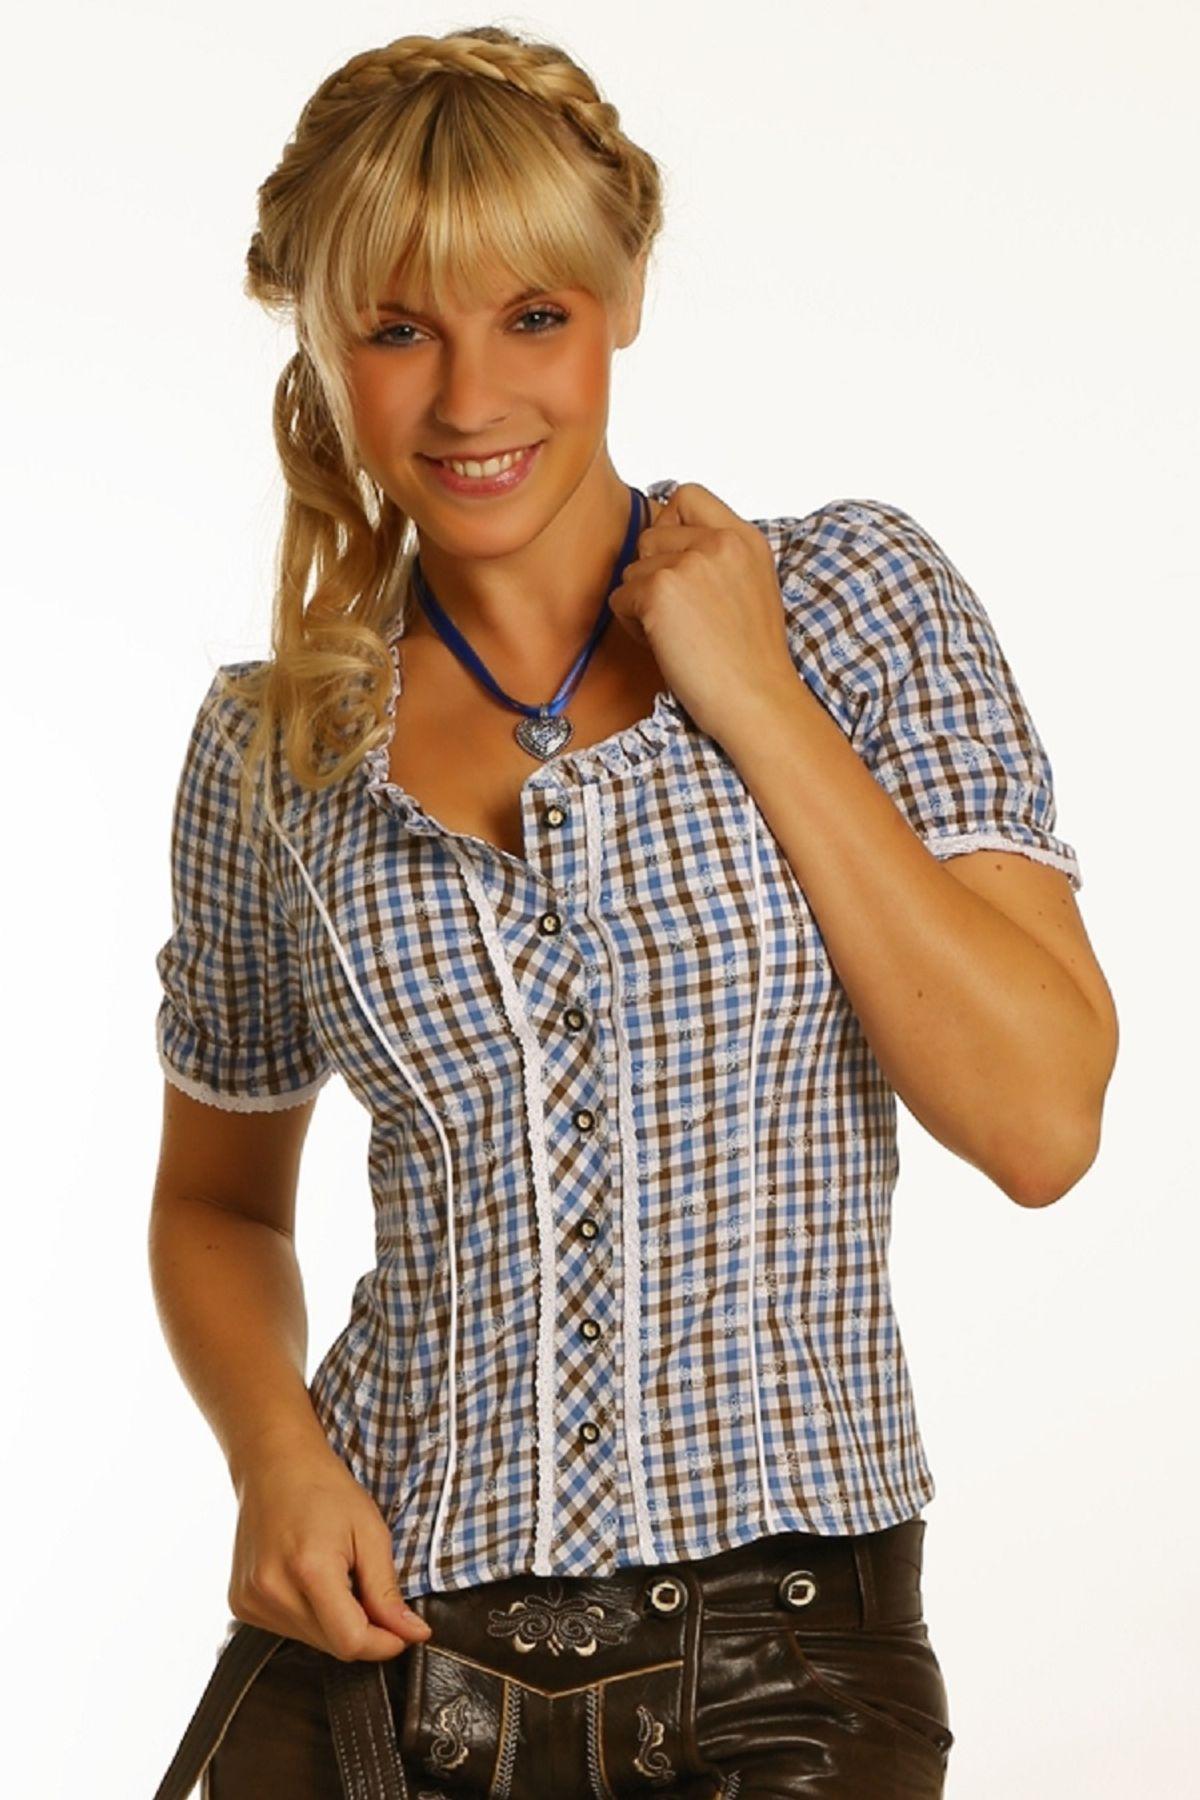 Fuchs Trachten - Damen Trachten Bluse in versch. Farben, (Artikelnummer: 4540) – Bild 10